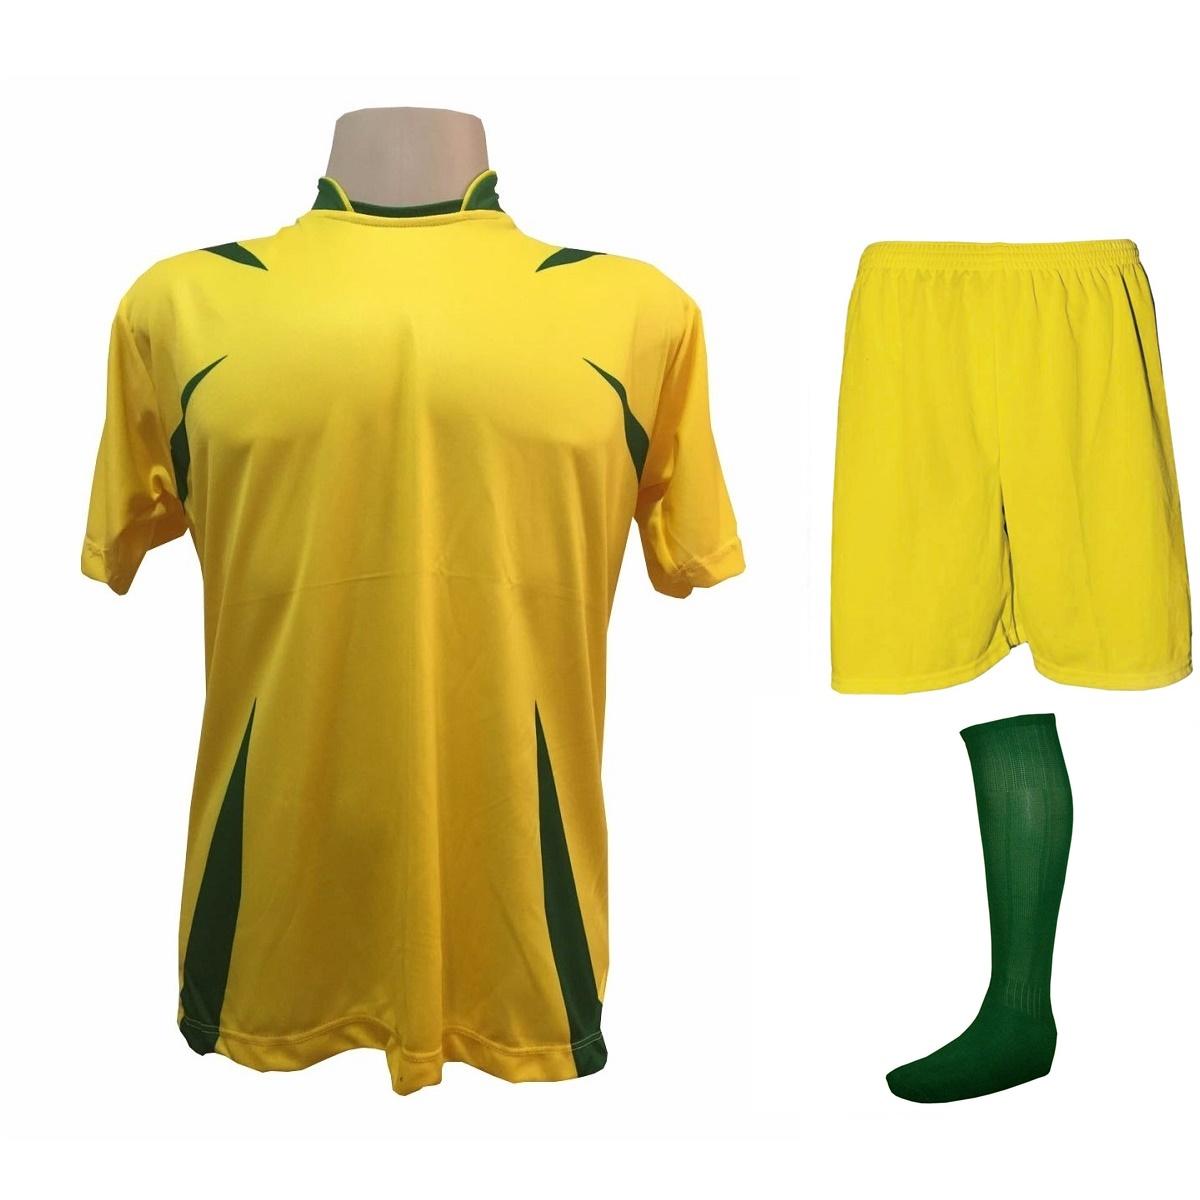 6191217216 Uniforme Esportivo com 14 camisas modelo Palermo Amarelo Verde + 14 calções  modelo Madrid Amarelo ...